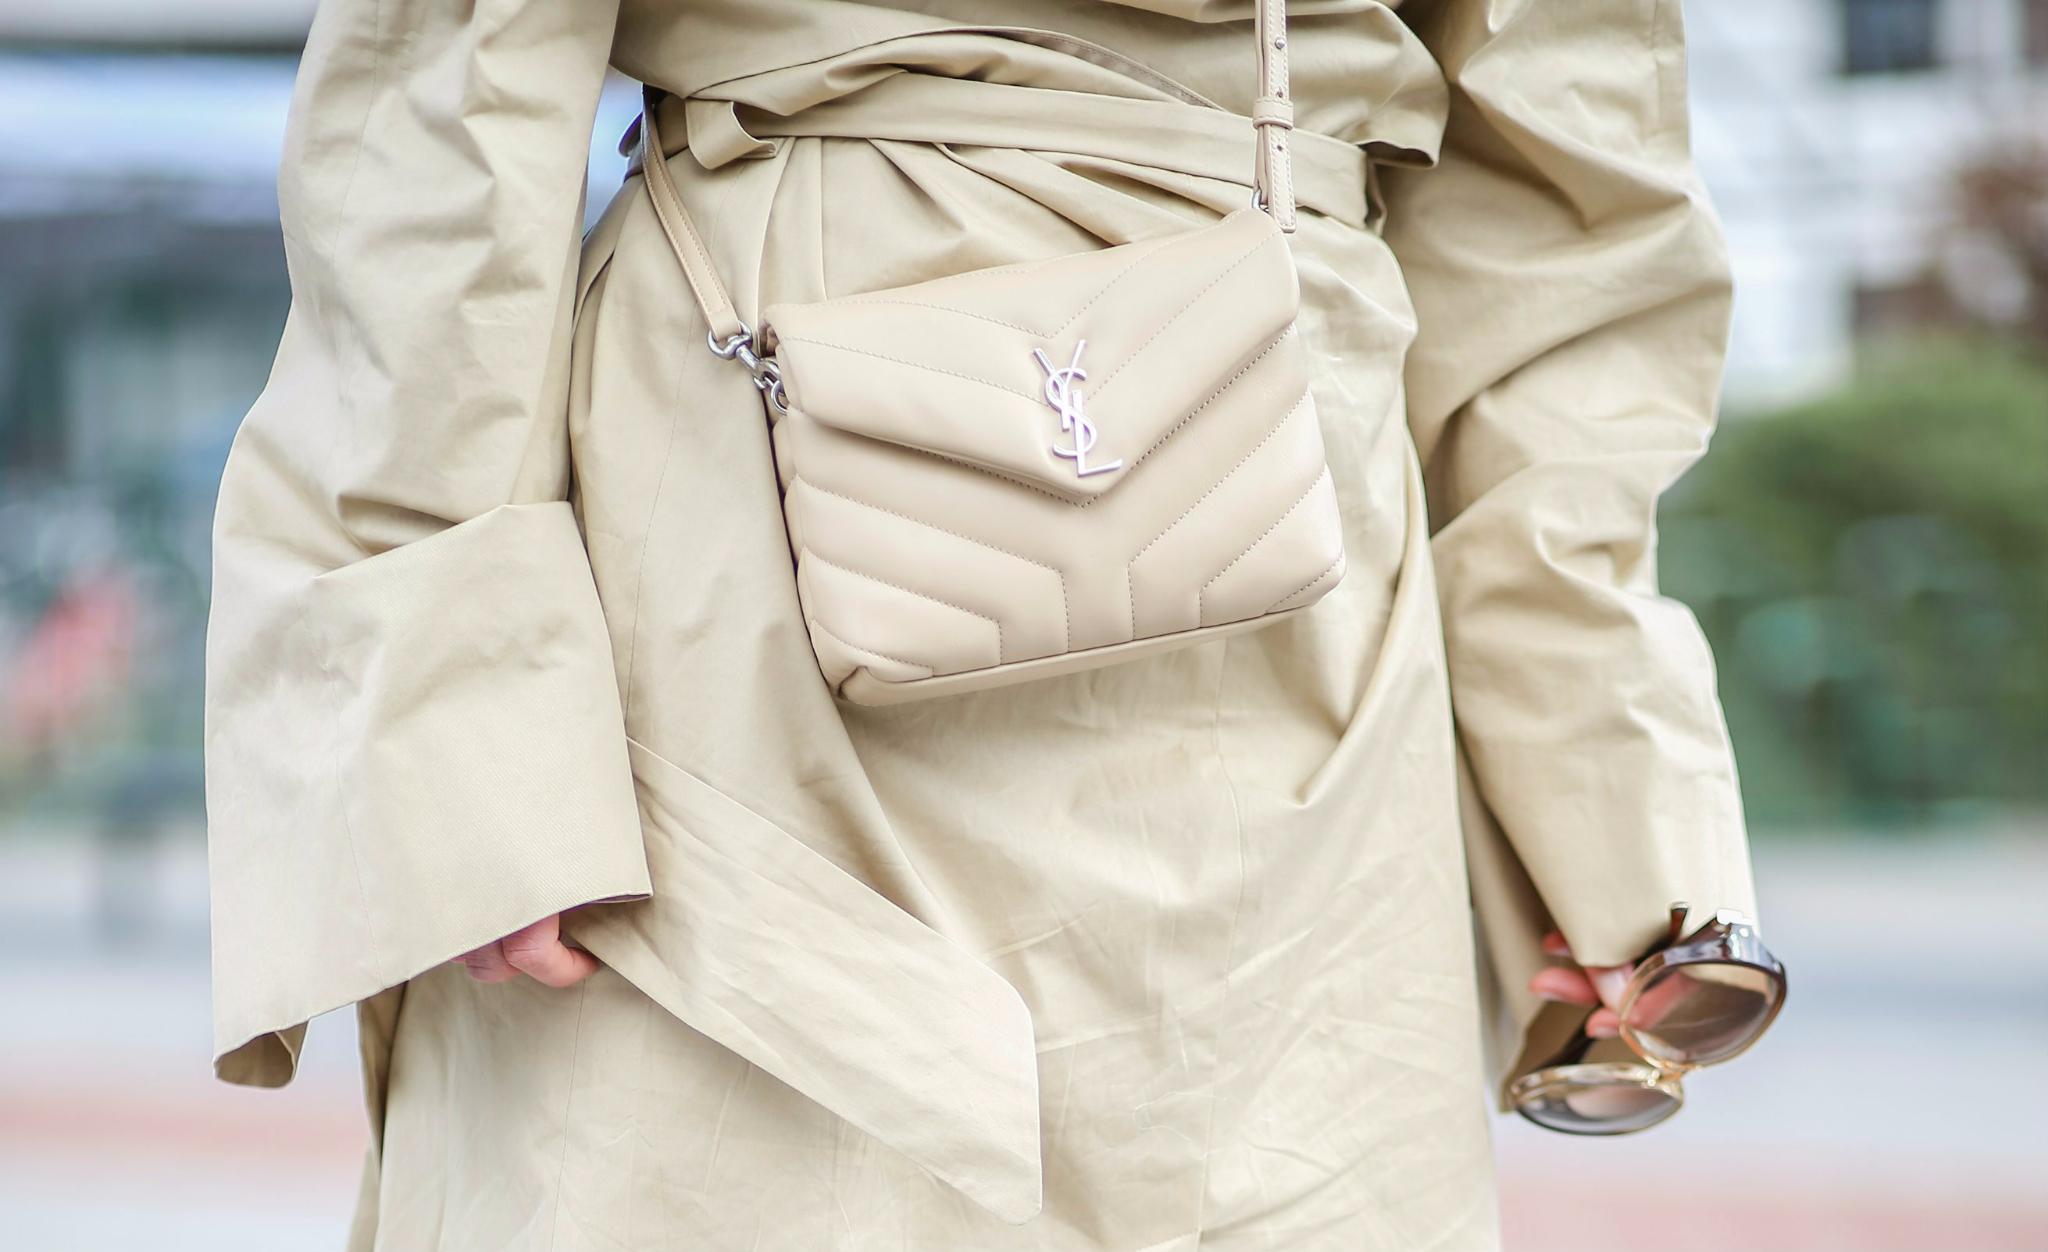 MOD-by-Monique-Fashion-Looks-The-cashmere-dress-6-1